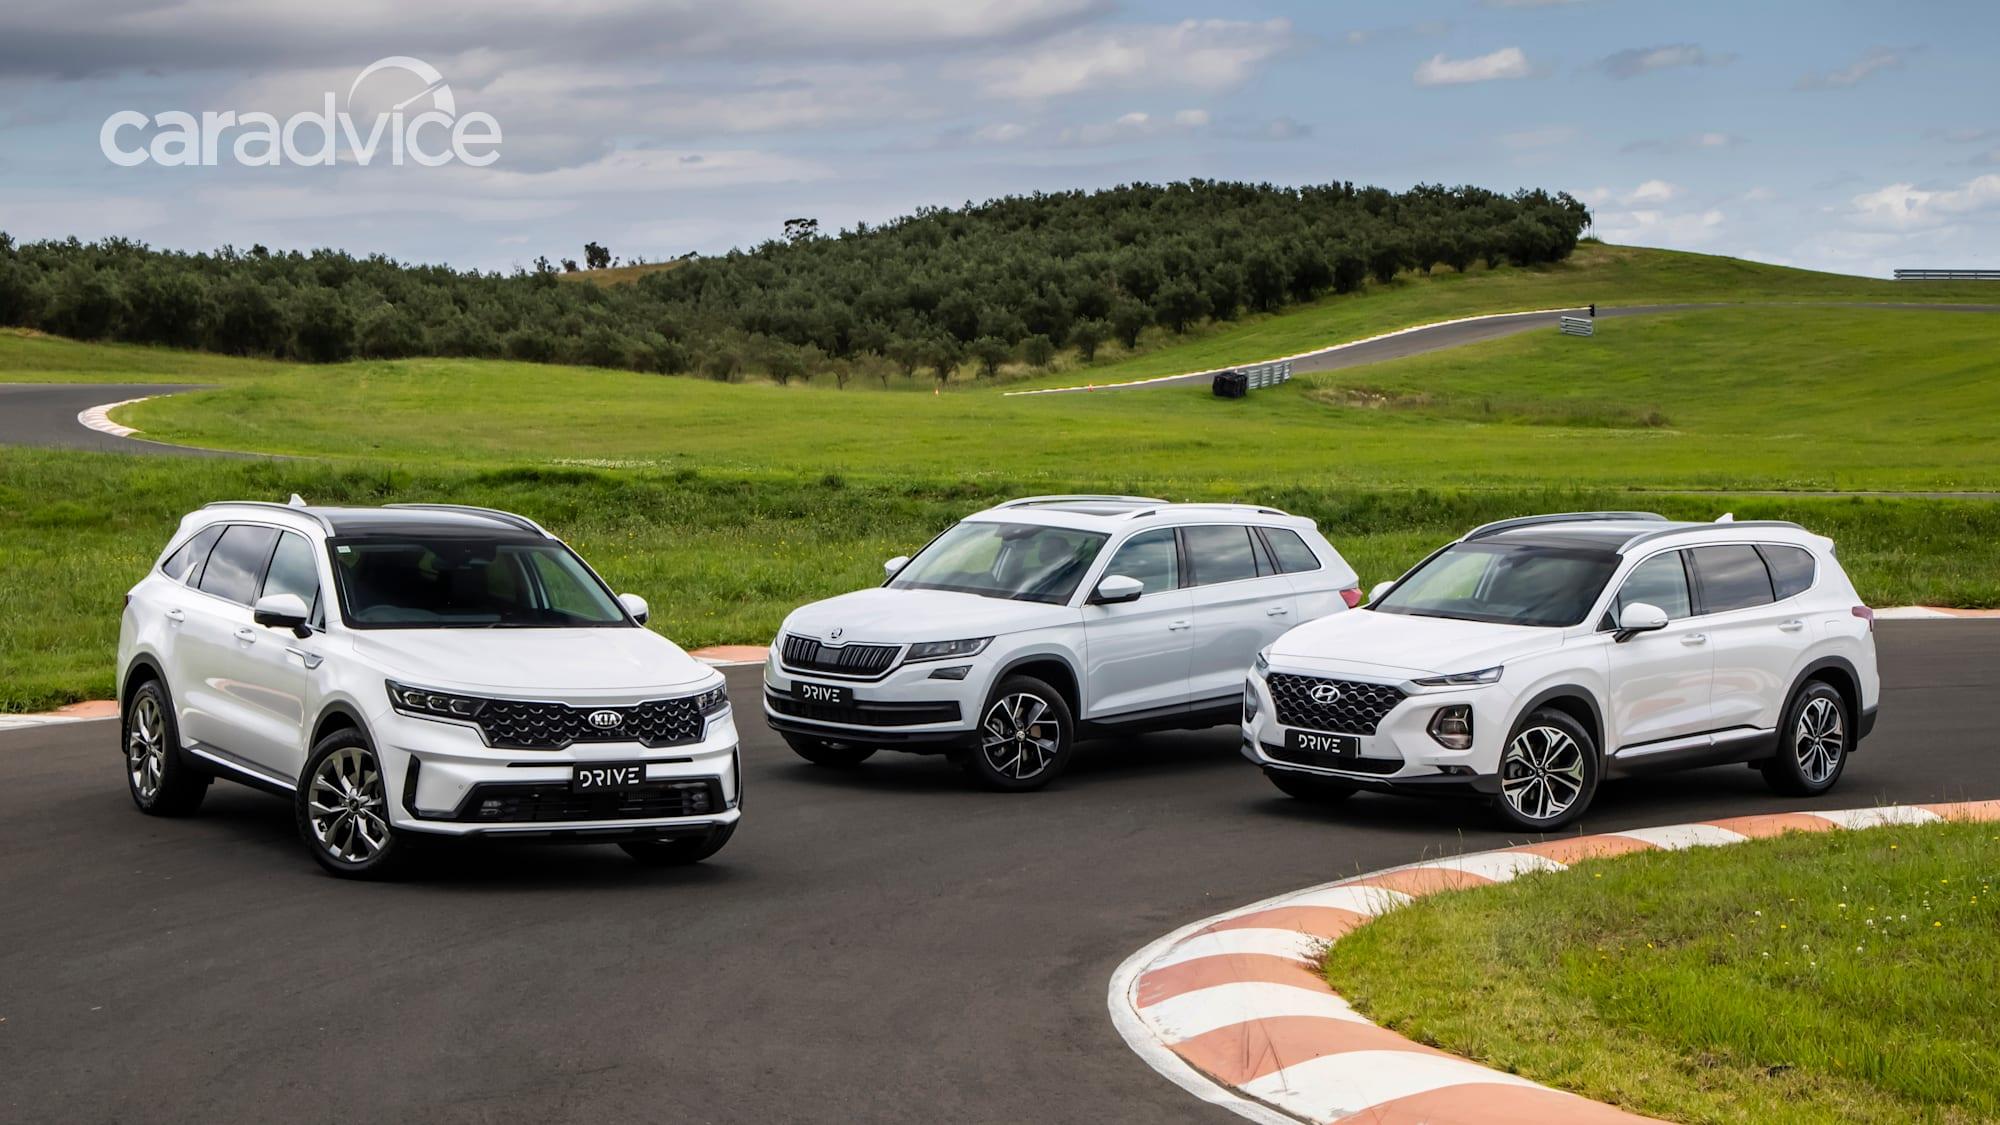 2021 Drive Car of the Year - Miglior SUV di grandi dimensioni - 1 di 2